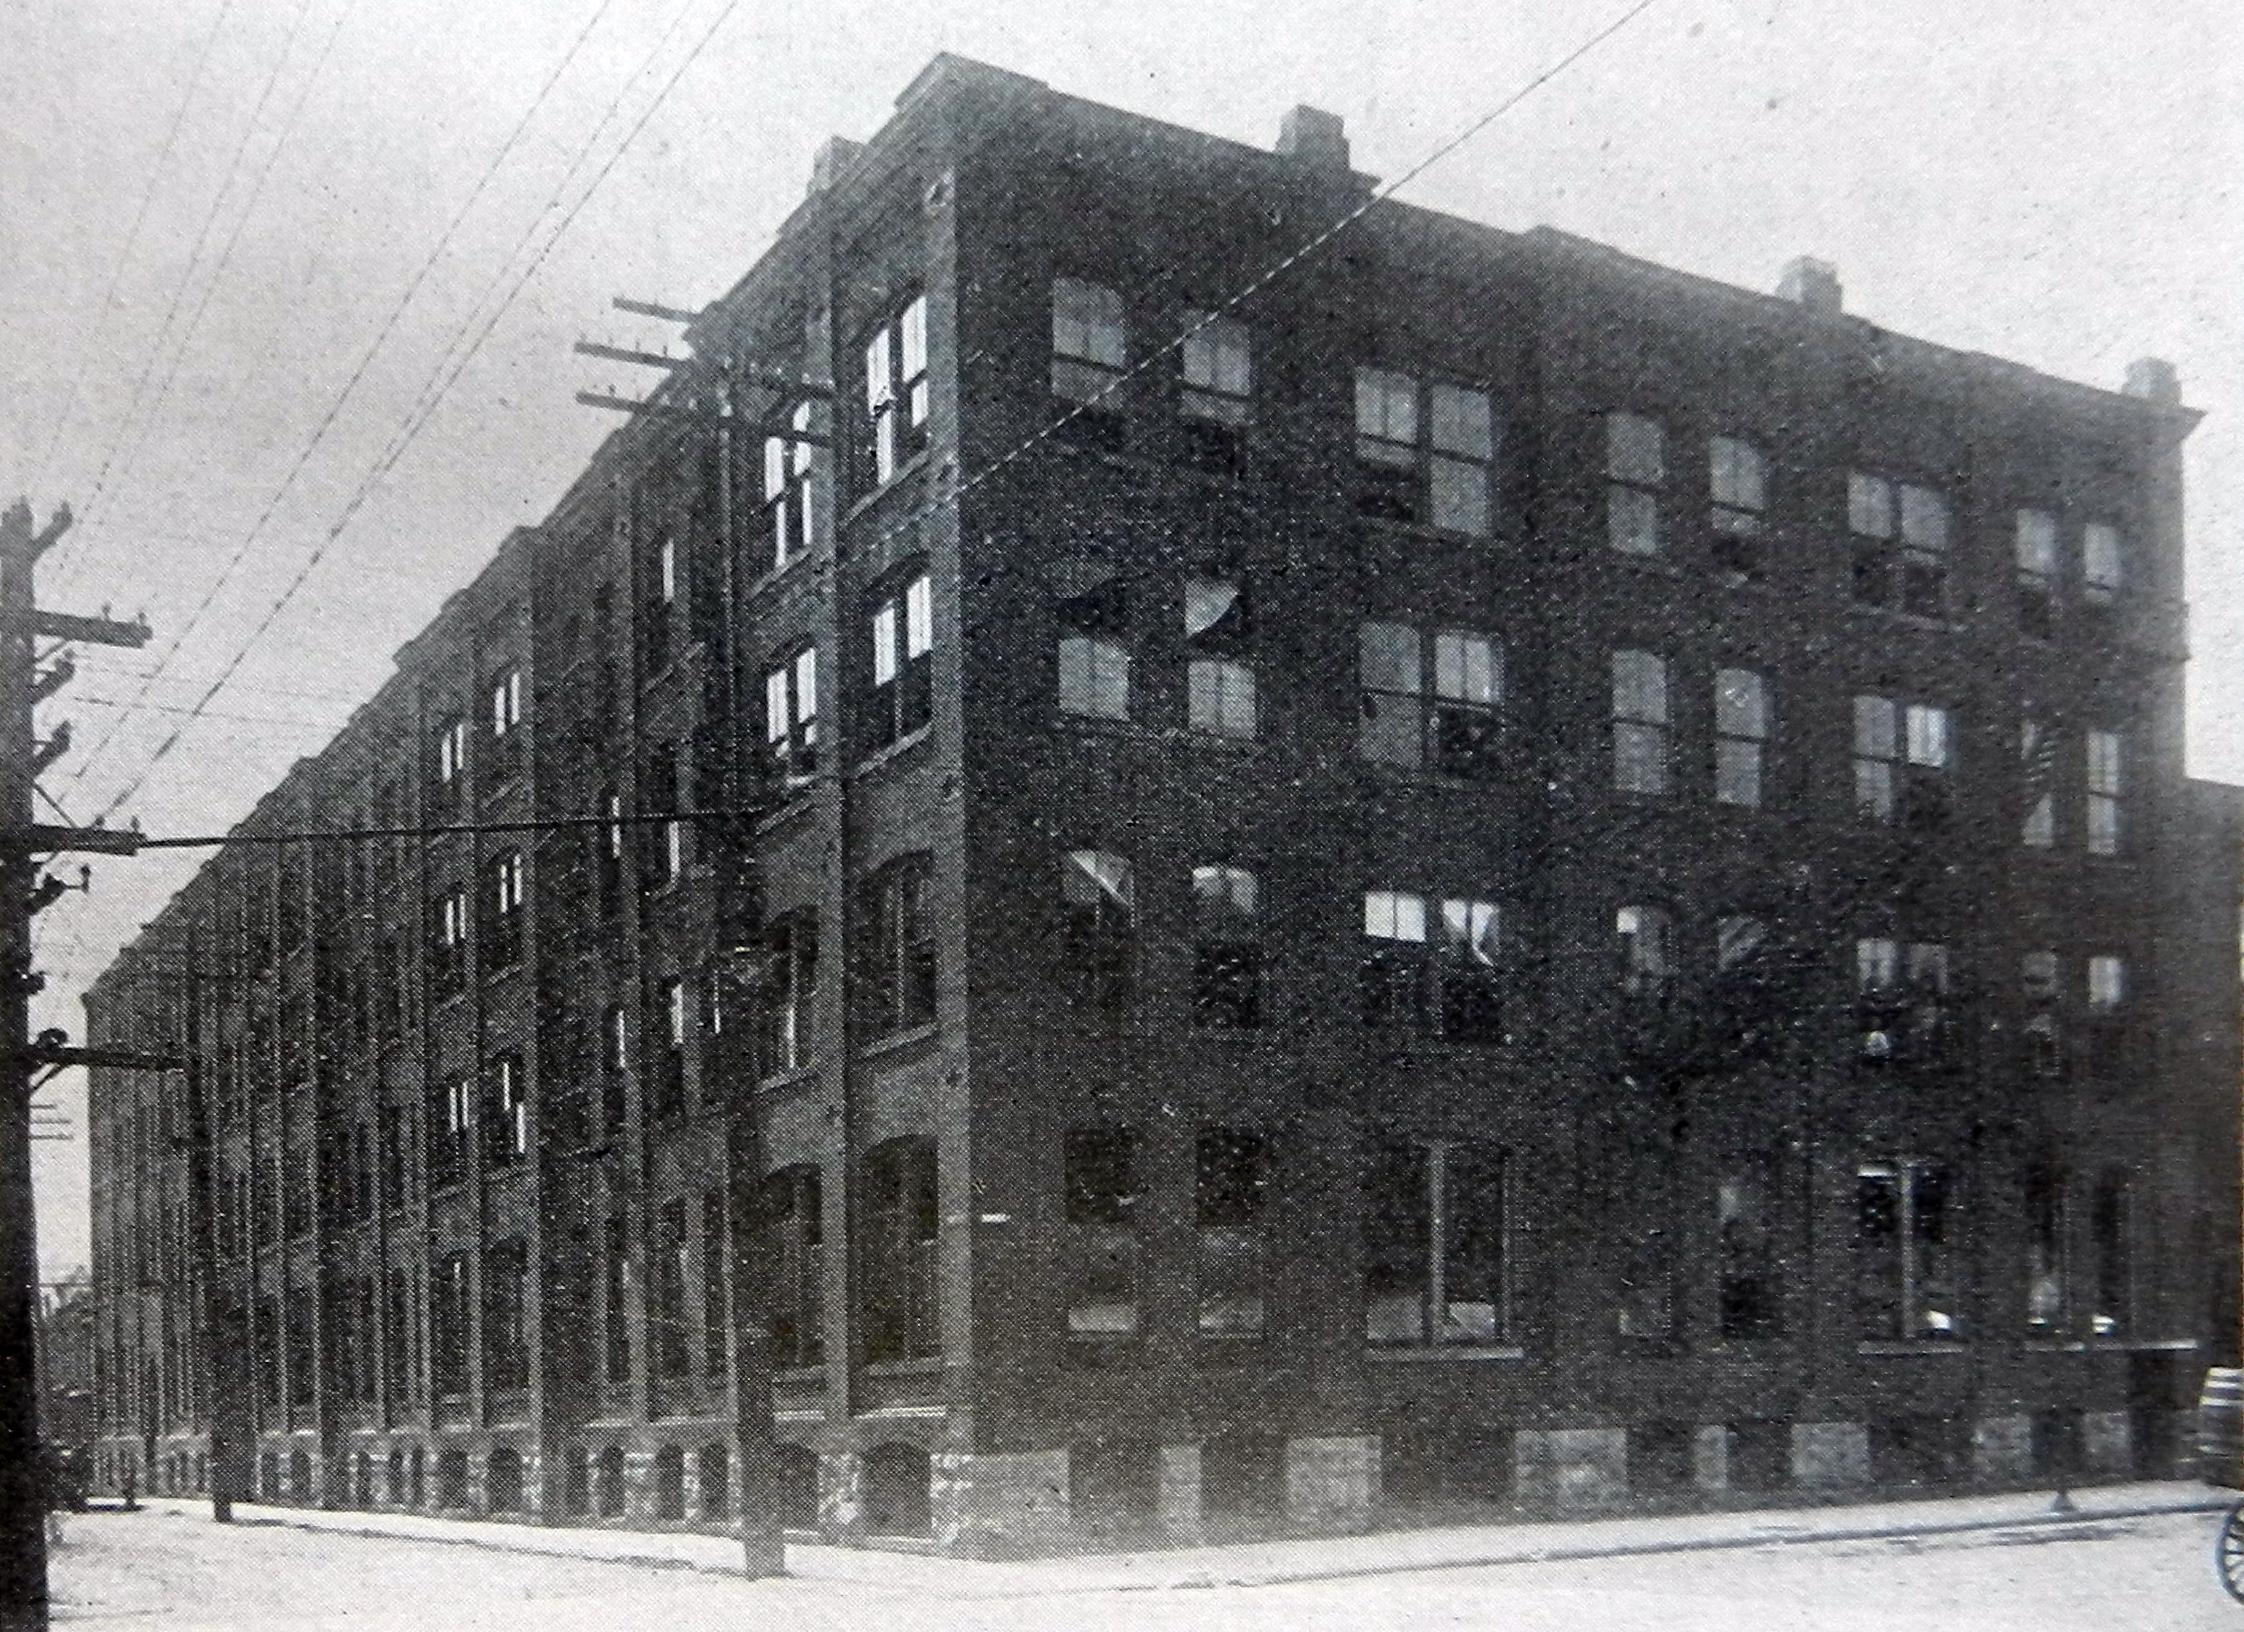 Photographie de l'usine de quatre étages de John McPherson, occupant près d'un pâté de maisons complet.